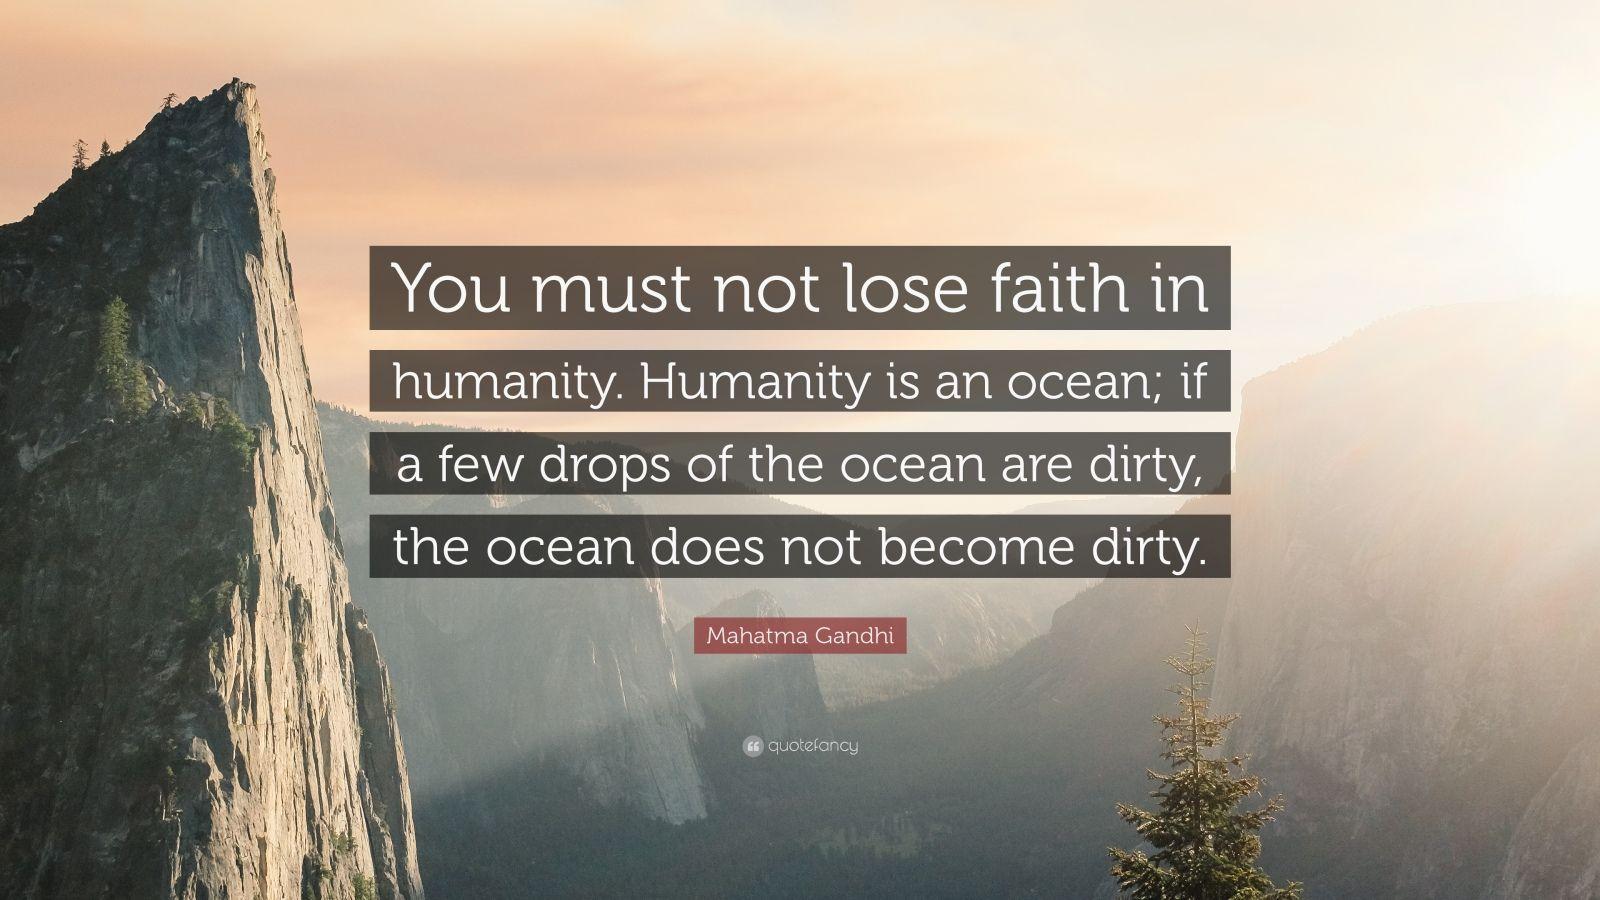 humanity is an ocean